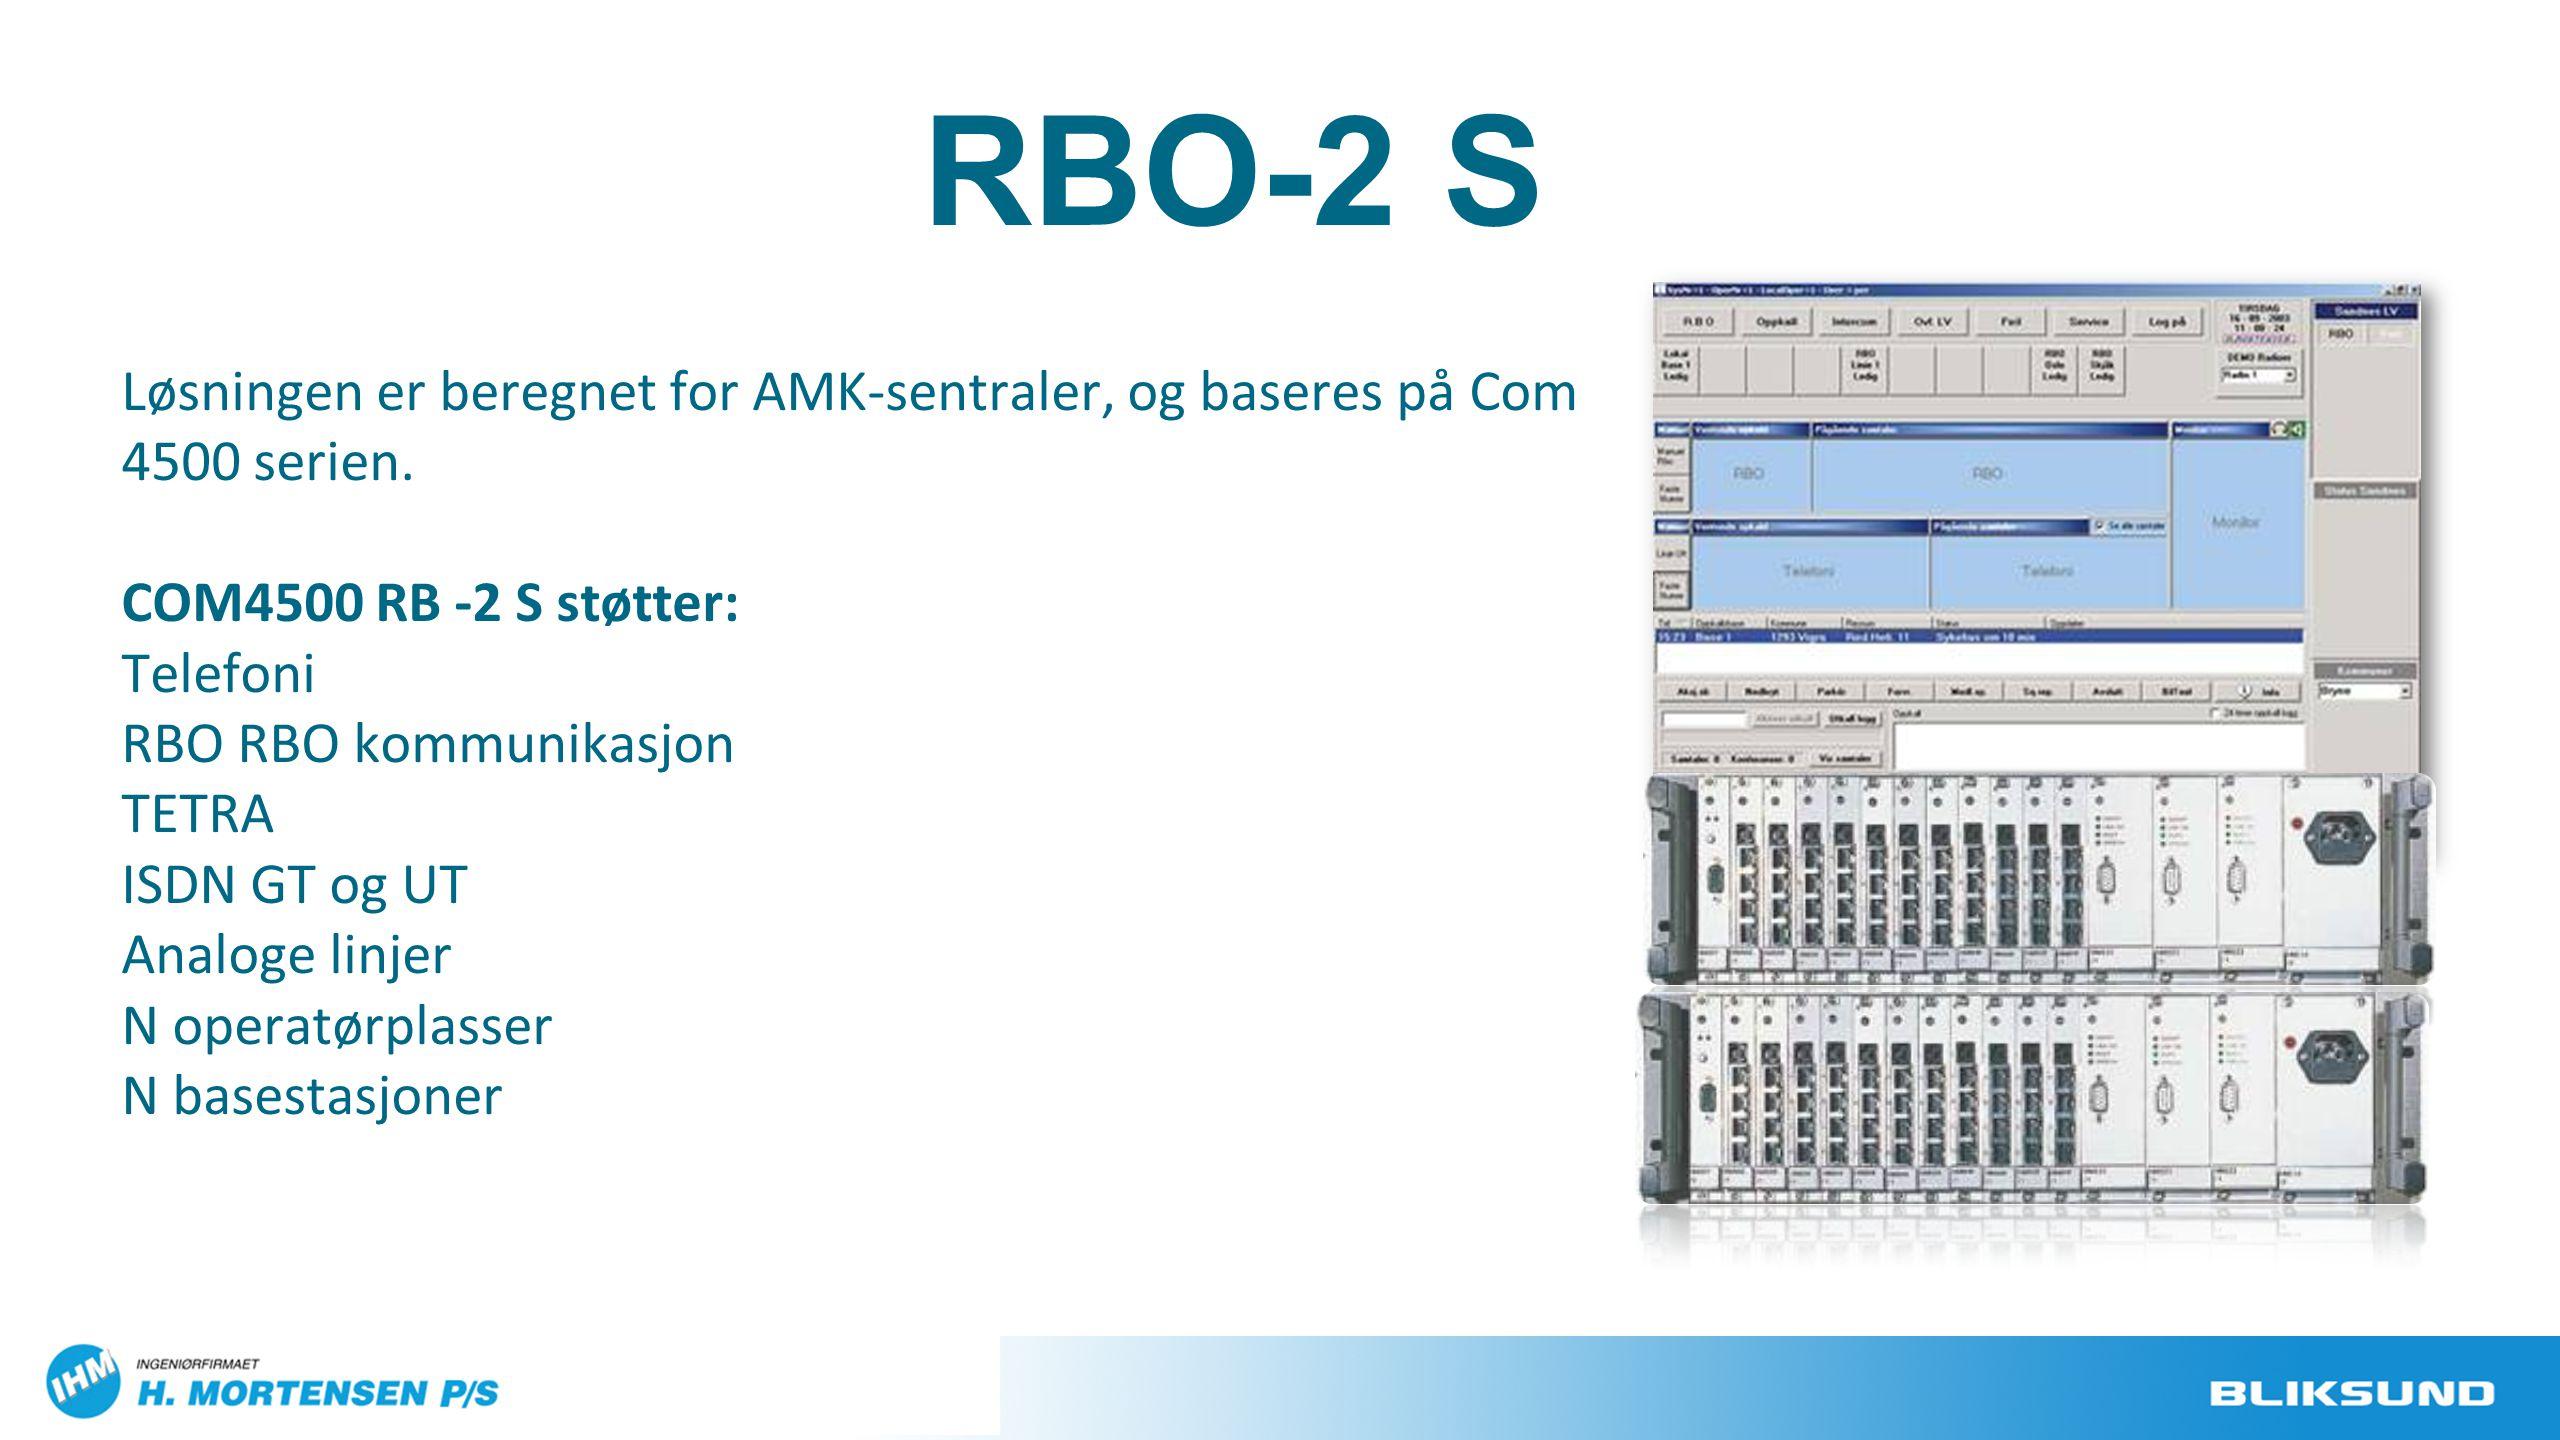 RBO-2 S